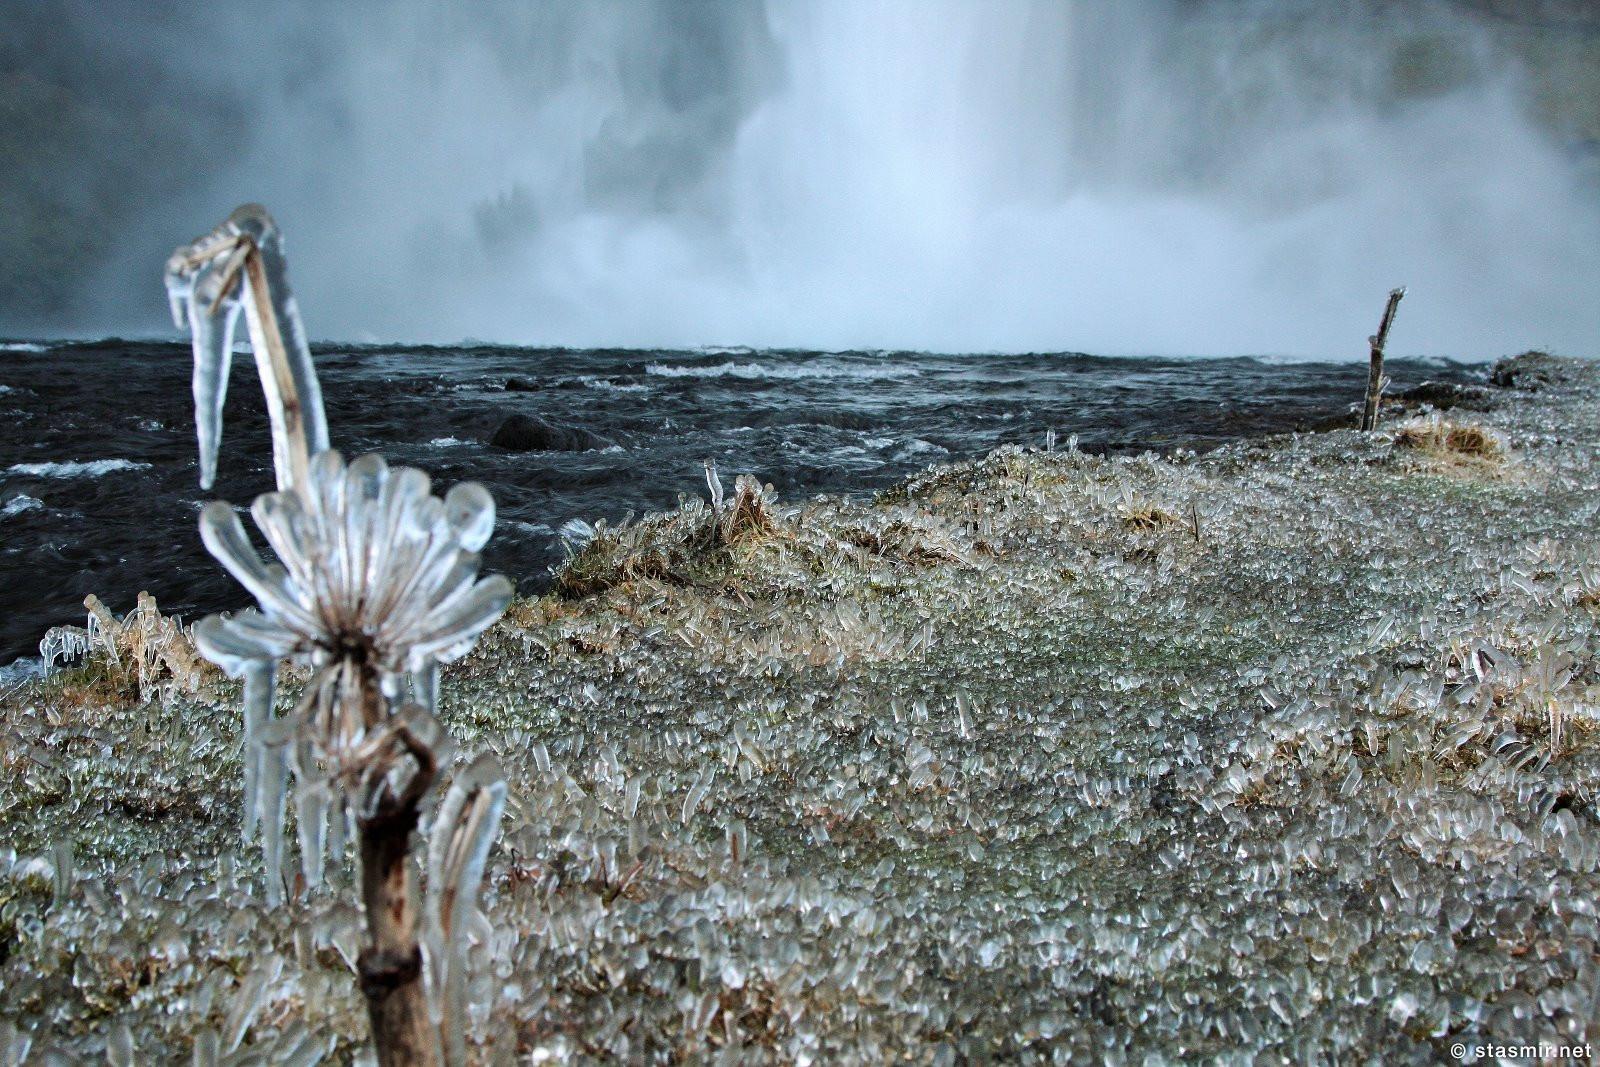 ледяной цветок дударя в Исландии у водопада Сельяландсфосс, Южный Берег Исландии, Seljalandsfoss